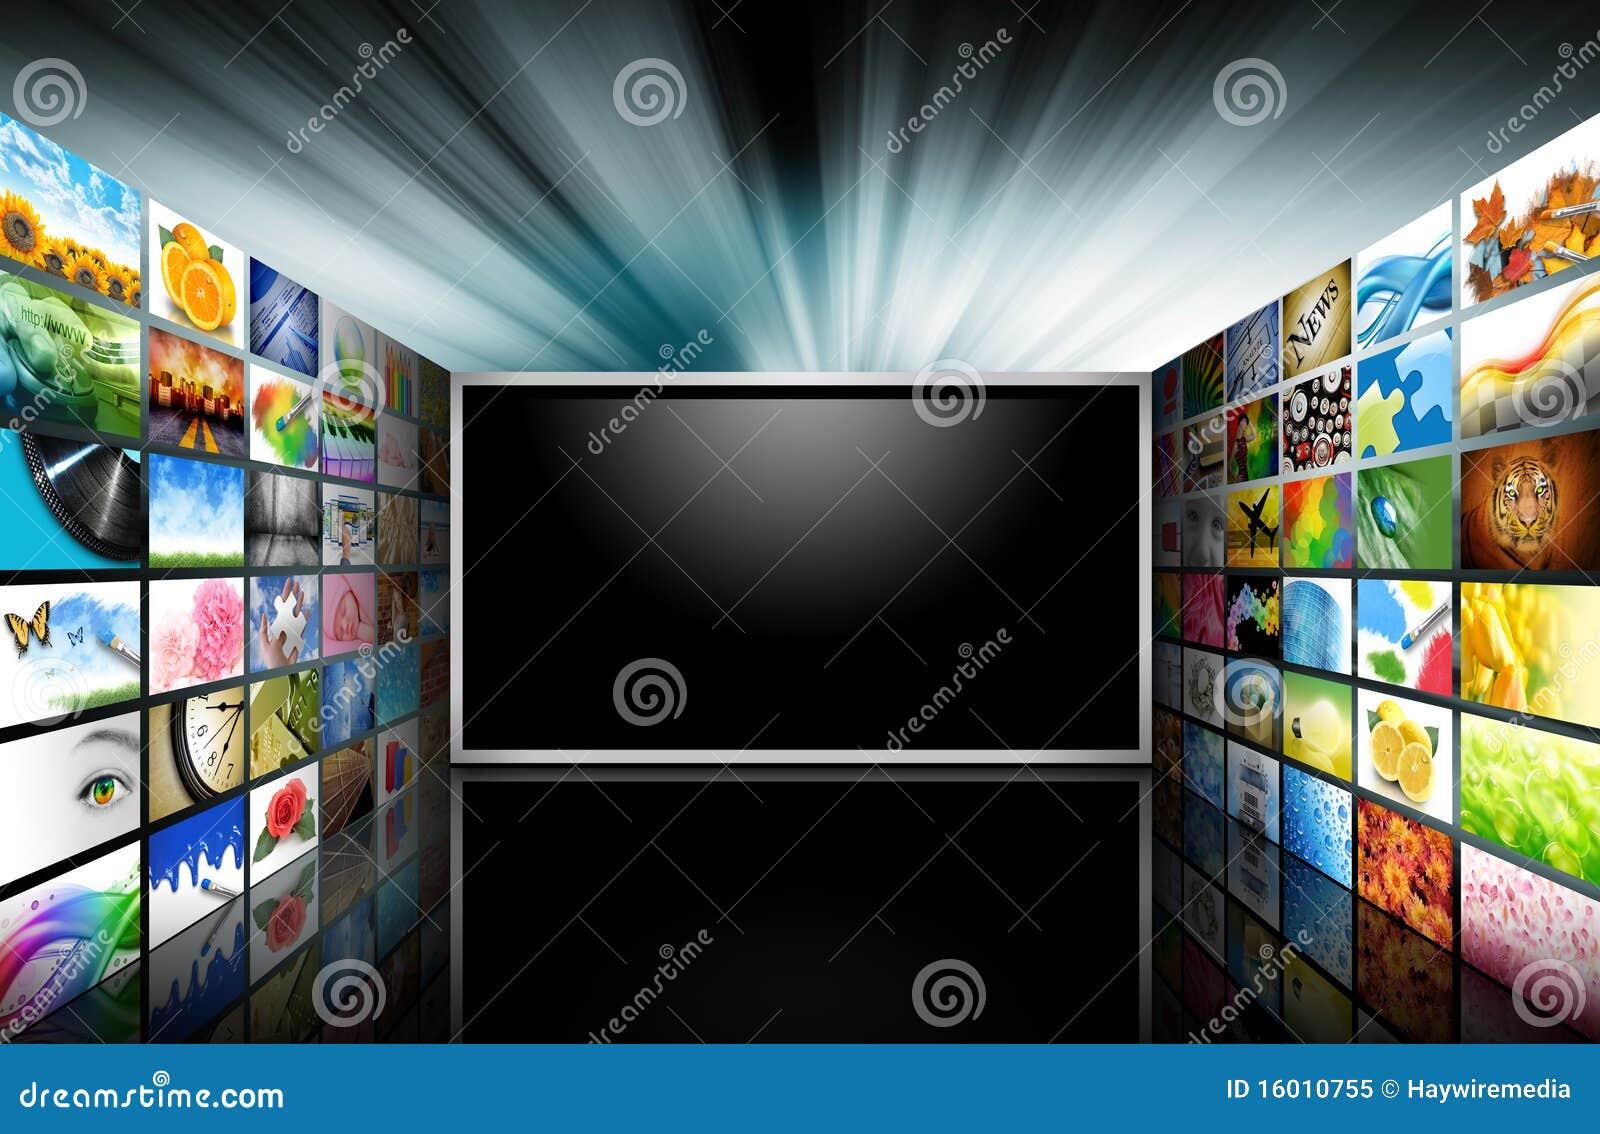 Plana bilder screen televisionen